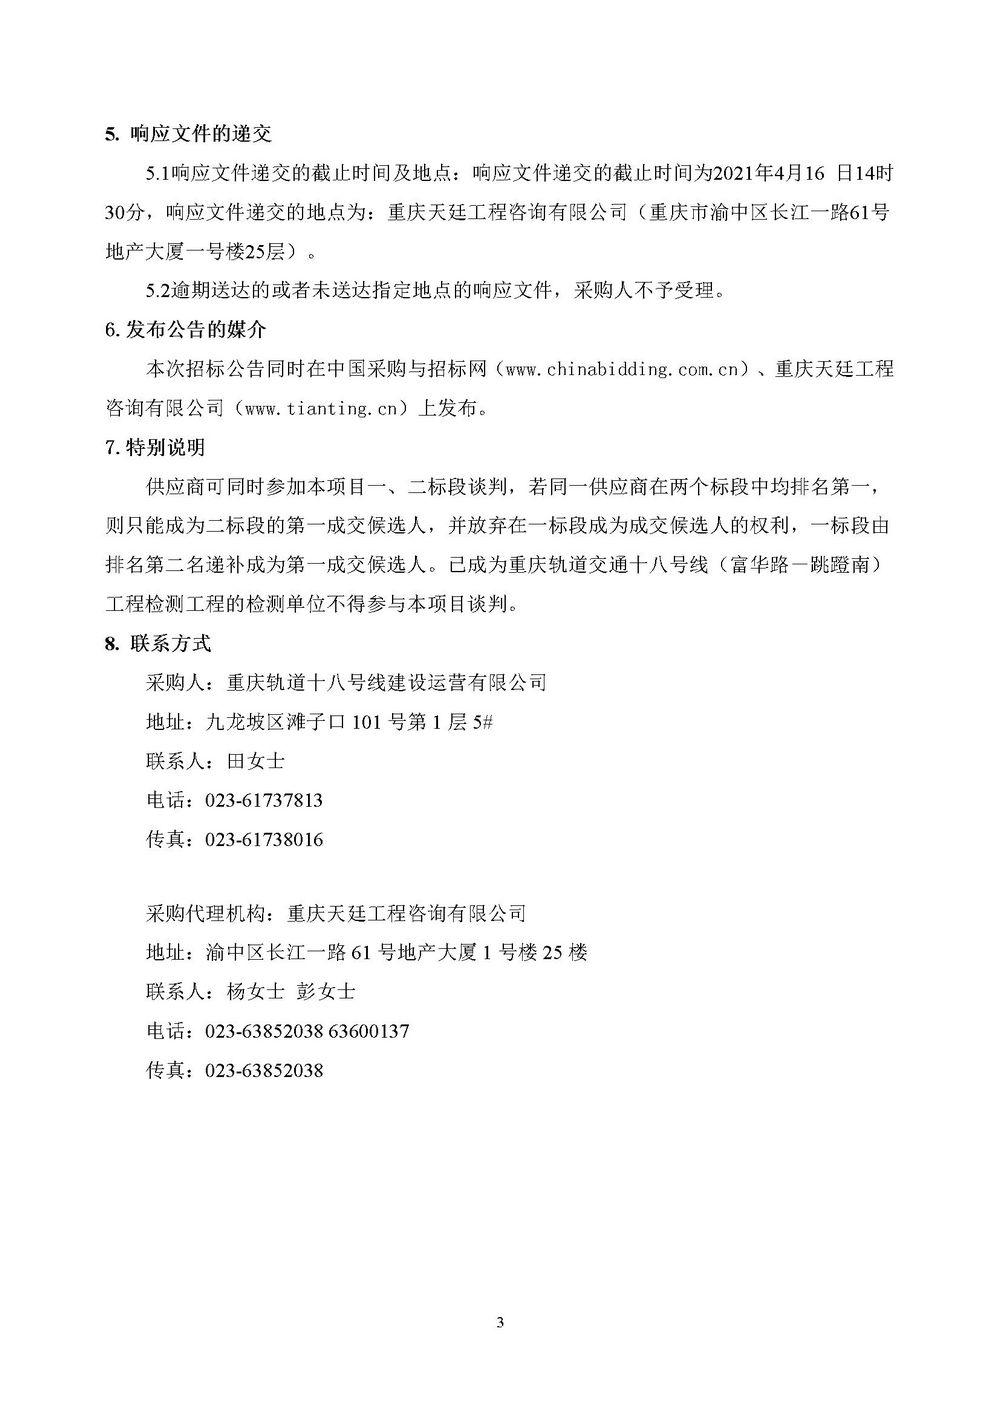 20210409重庆轨道交通十八号线-富华路-跳蹬南-工程检测工程一标段-第二次采购-采购公告3.jpg